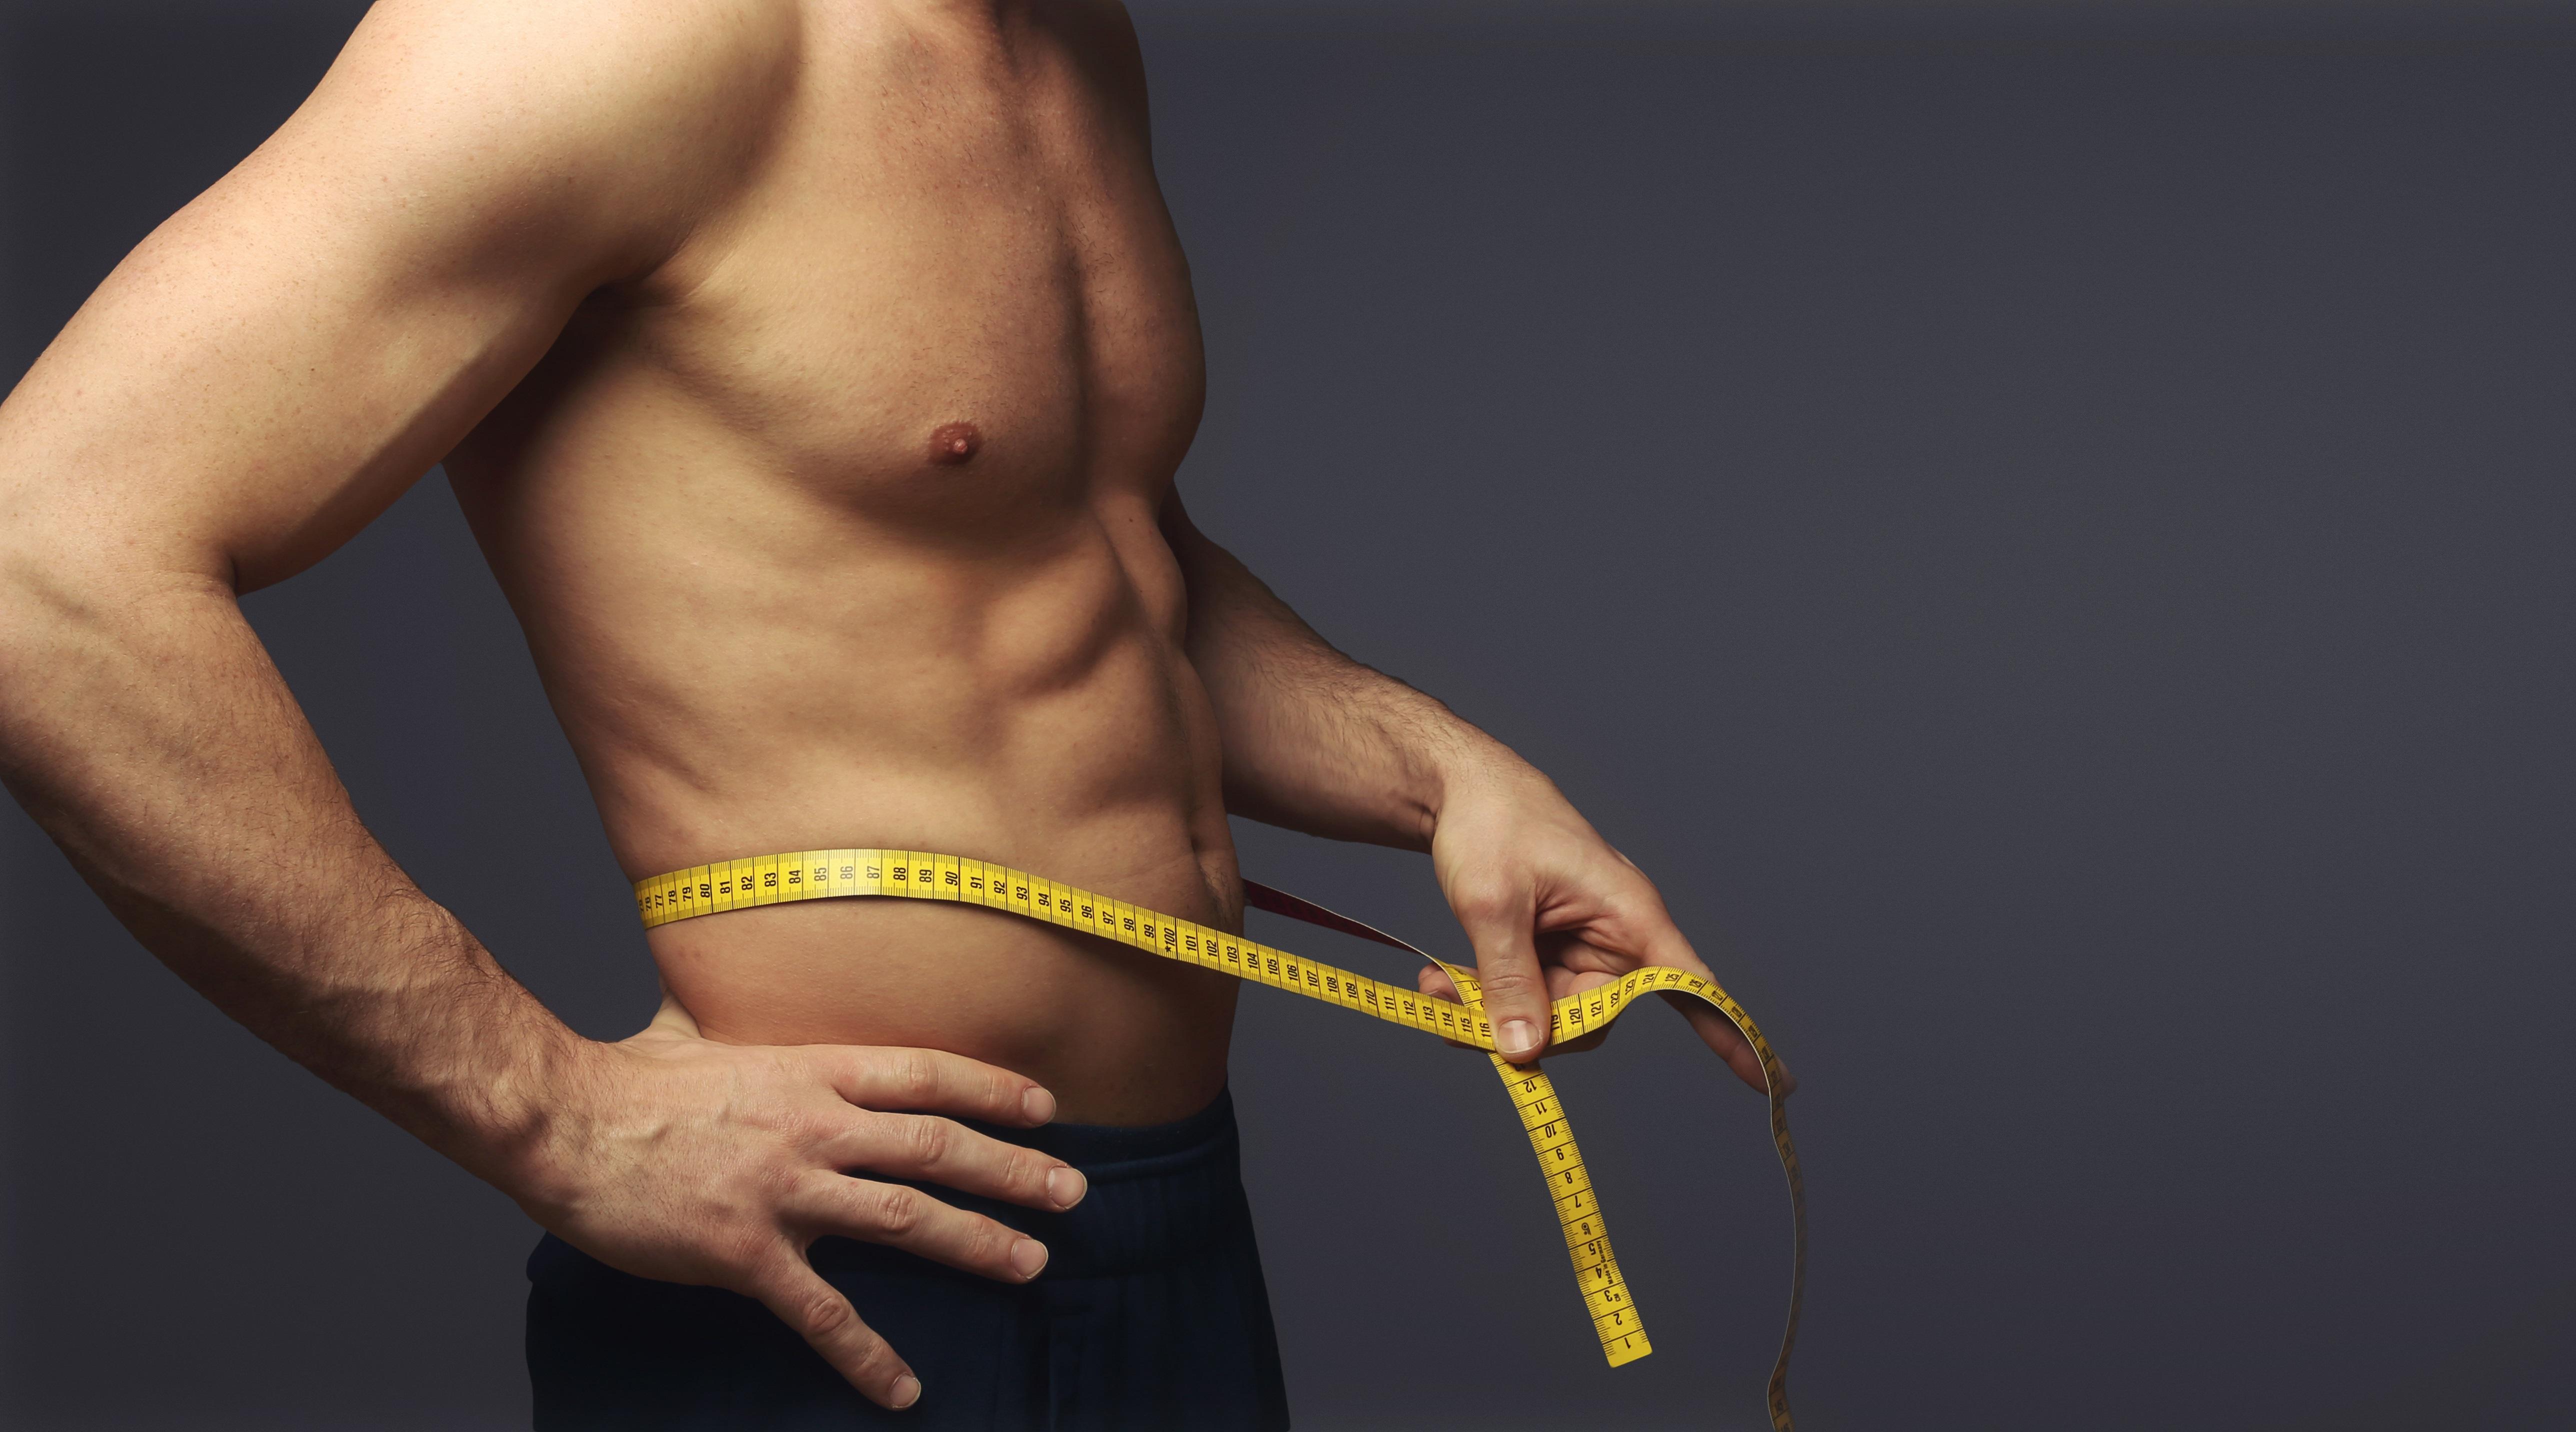 Muskulöser Mann mit Maßband um den Bauch | Dein Personal Trainer Berlin